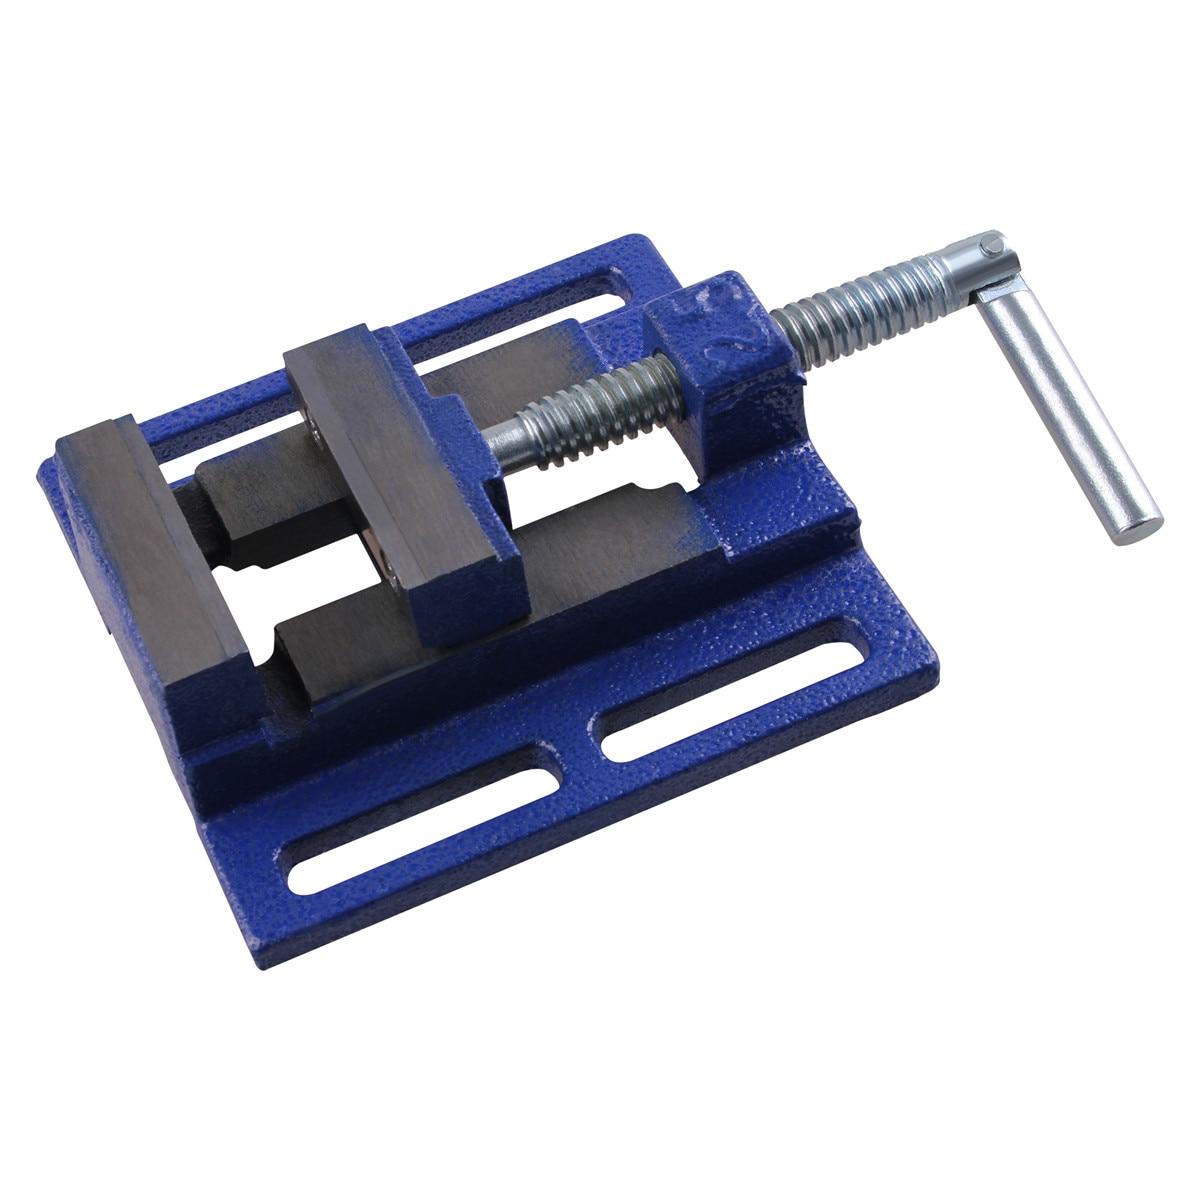 ferramenta máquinas-ferramentas acessórios